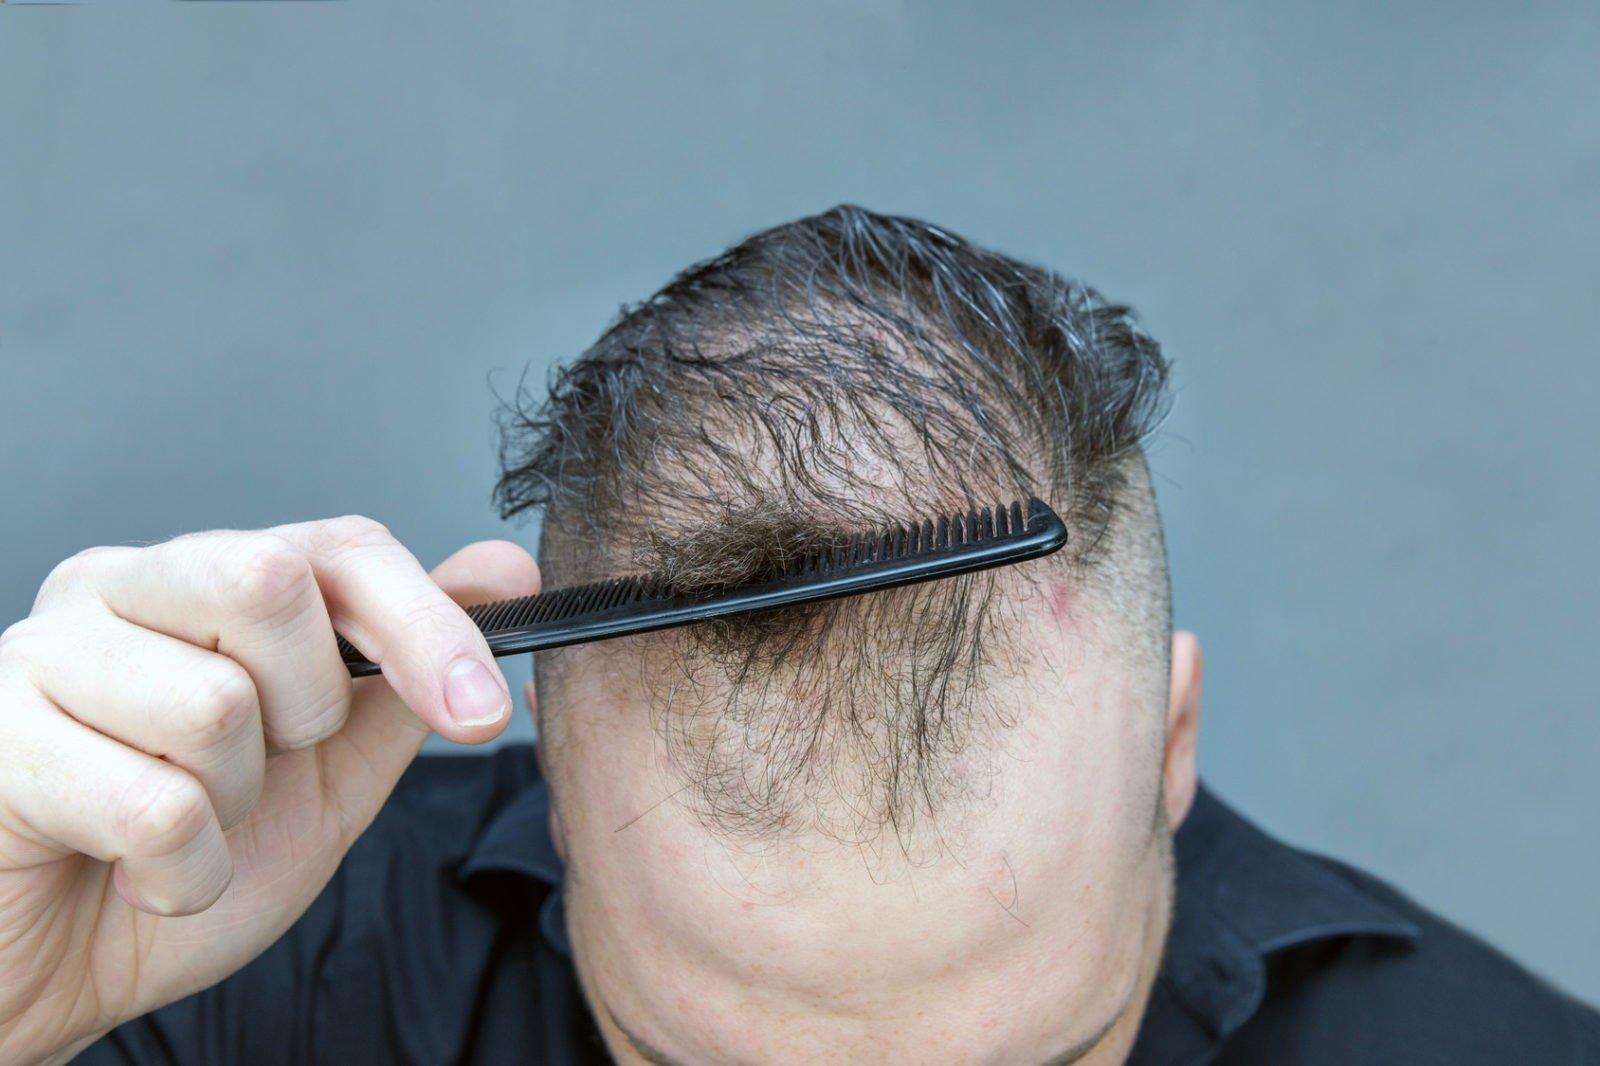 verpfuschten Haartransplantation?